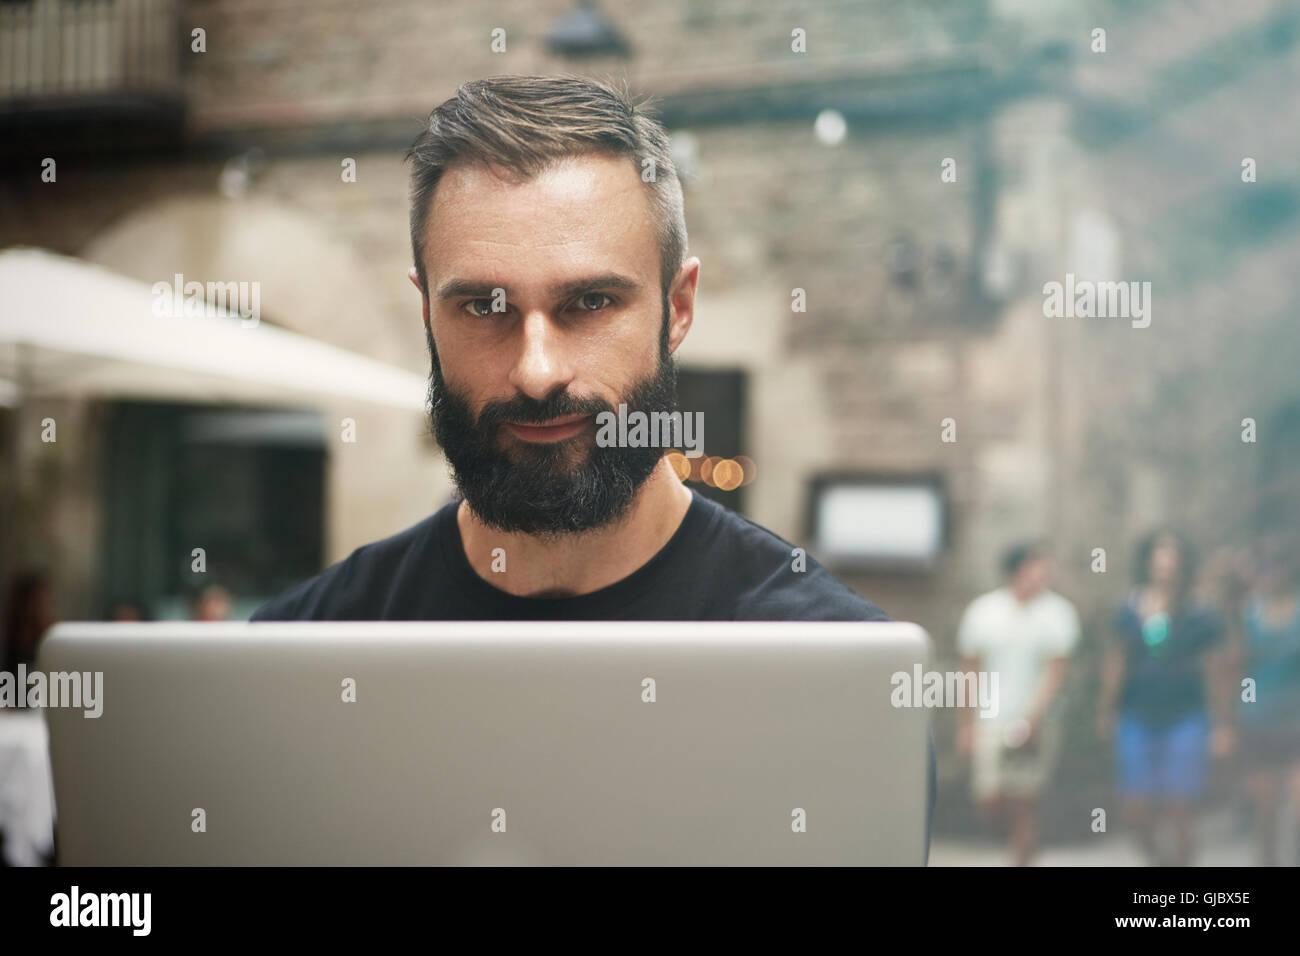 Closeup retrato guapo empresario barbudo vistiendo negro Tshirt Trabajo Urbano portátil Cafe.Joven Manager Imagen De Stock